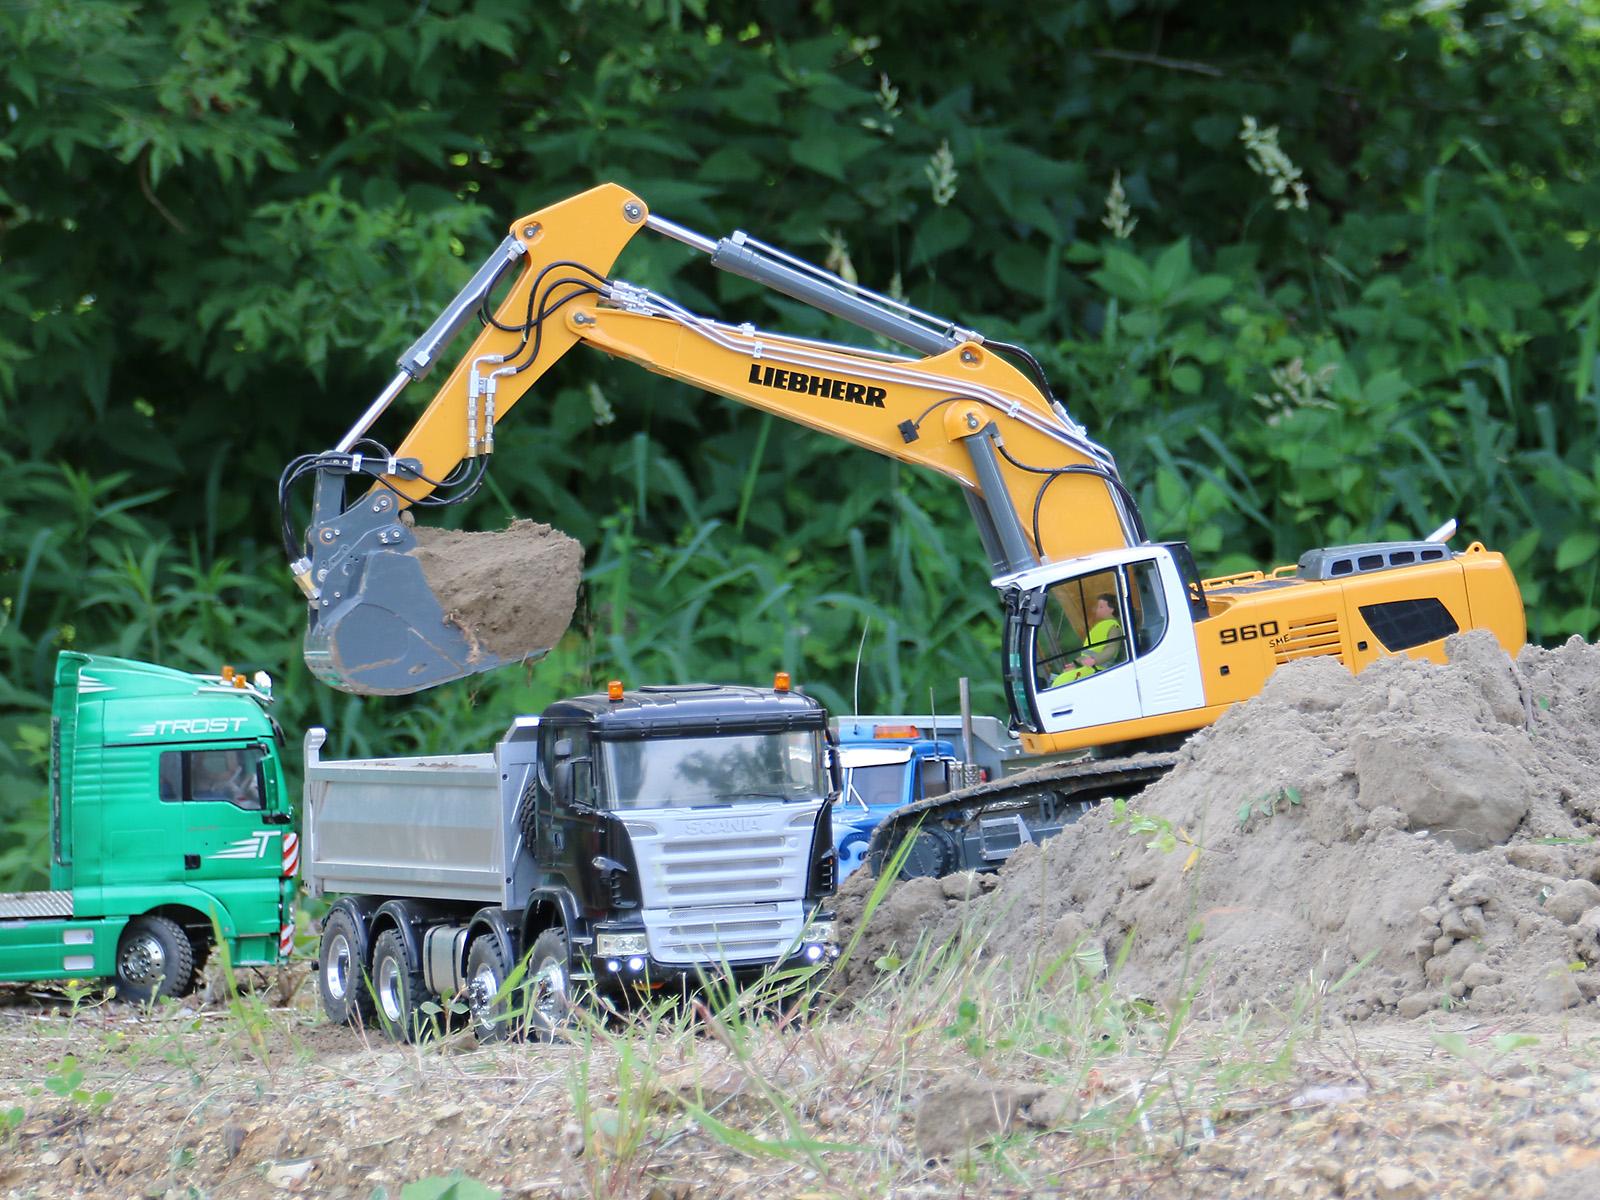 Die Modell-Baustelle ist vor allem ein Anziehungspunkt für die jüngeren Besucher © Doppeladler.com